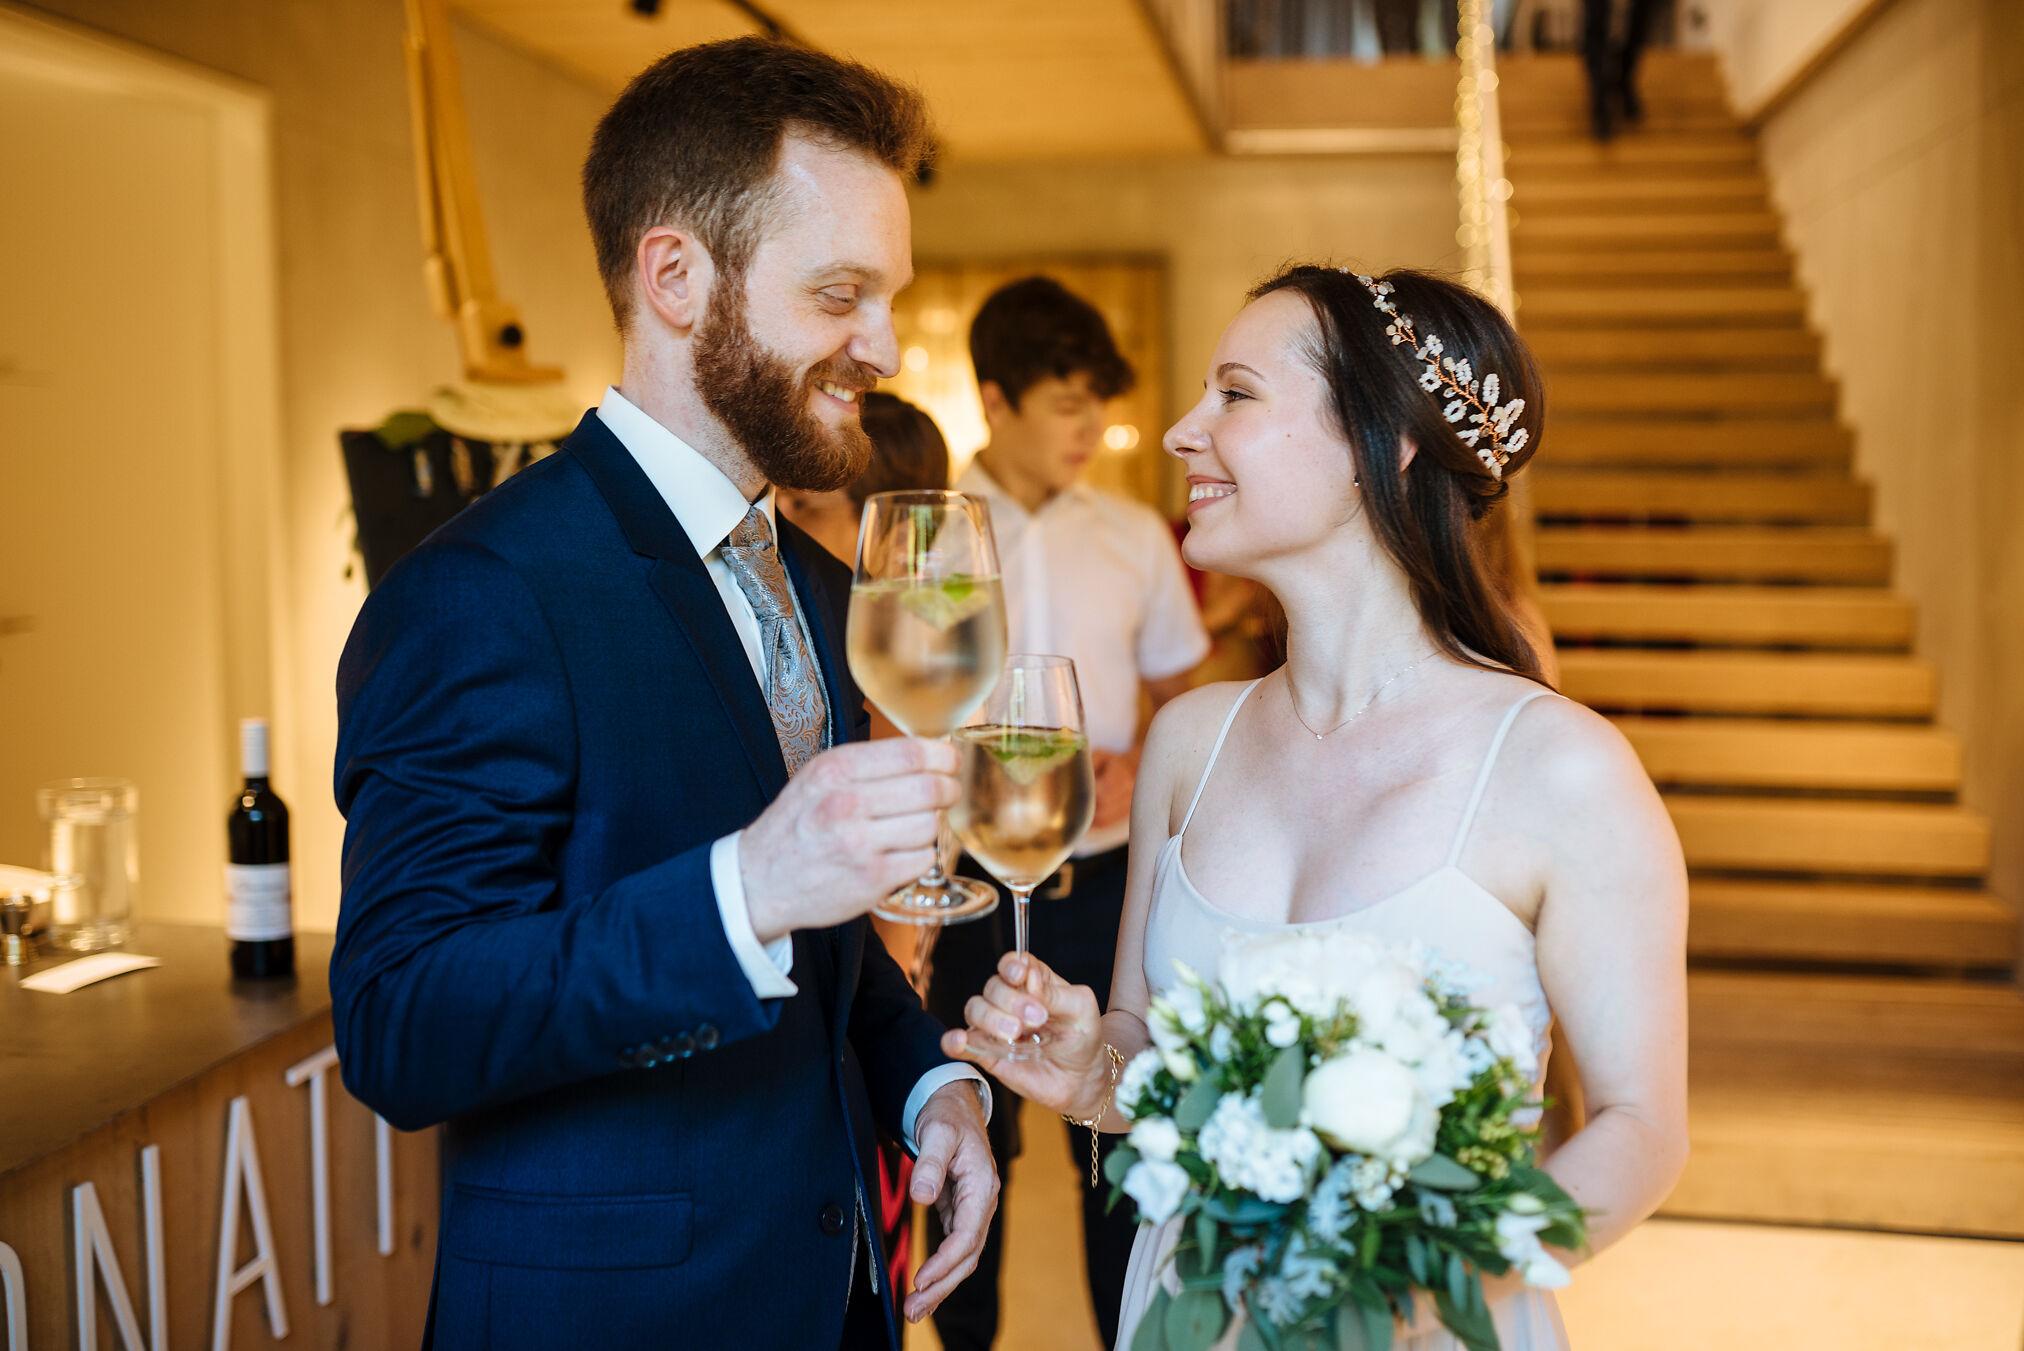 Hochzeit-Garten-Denoti-33.jpg